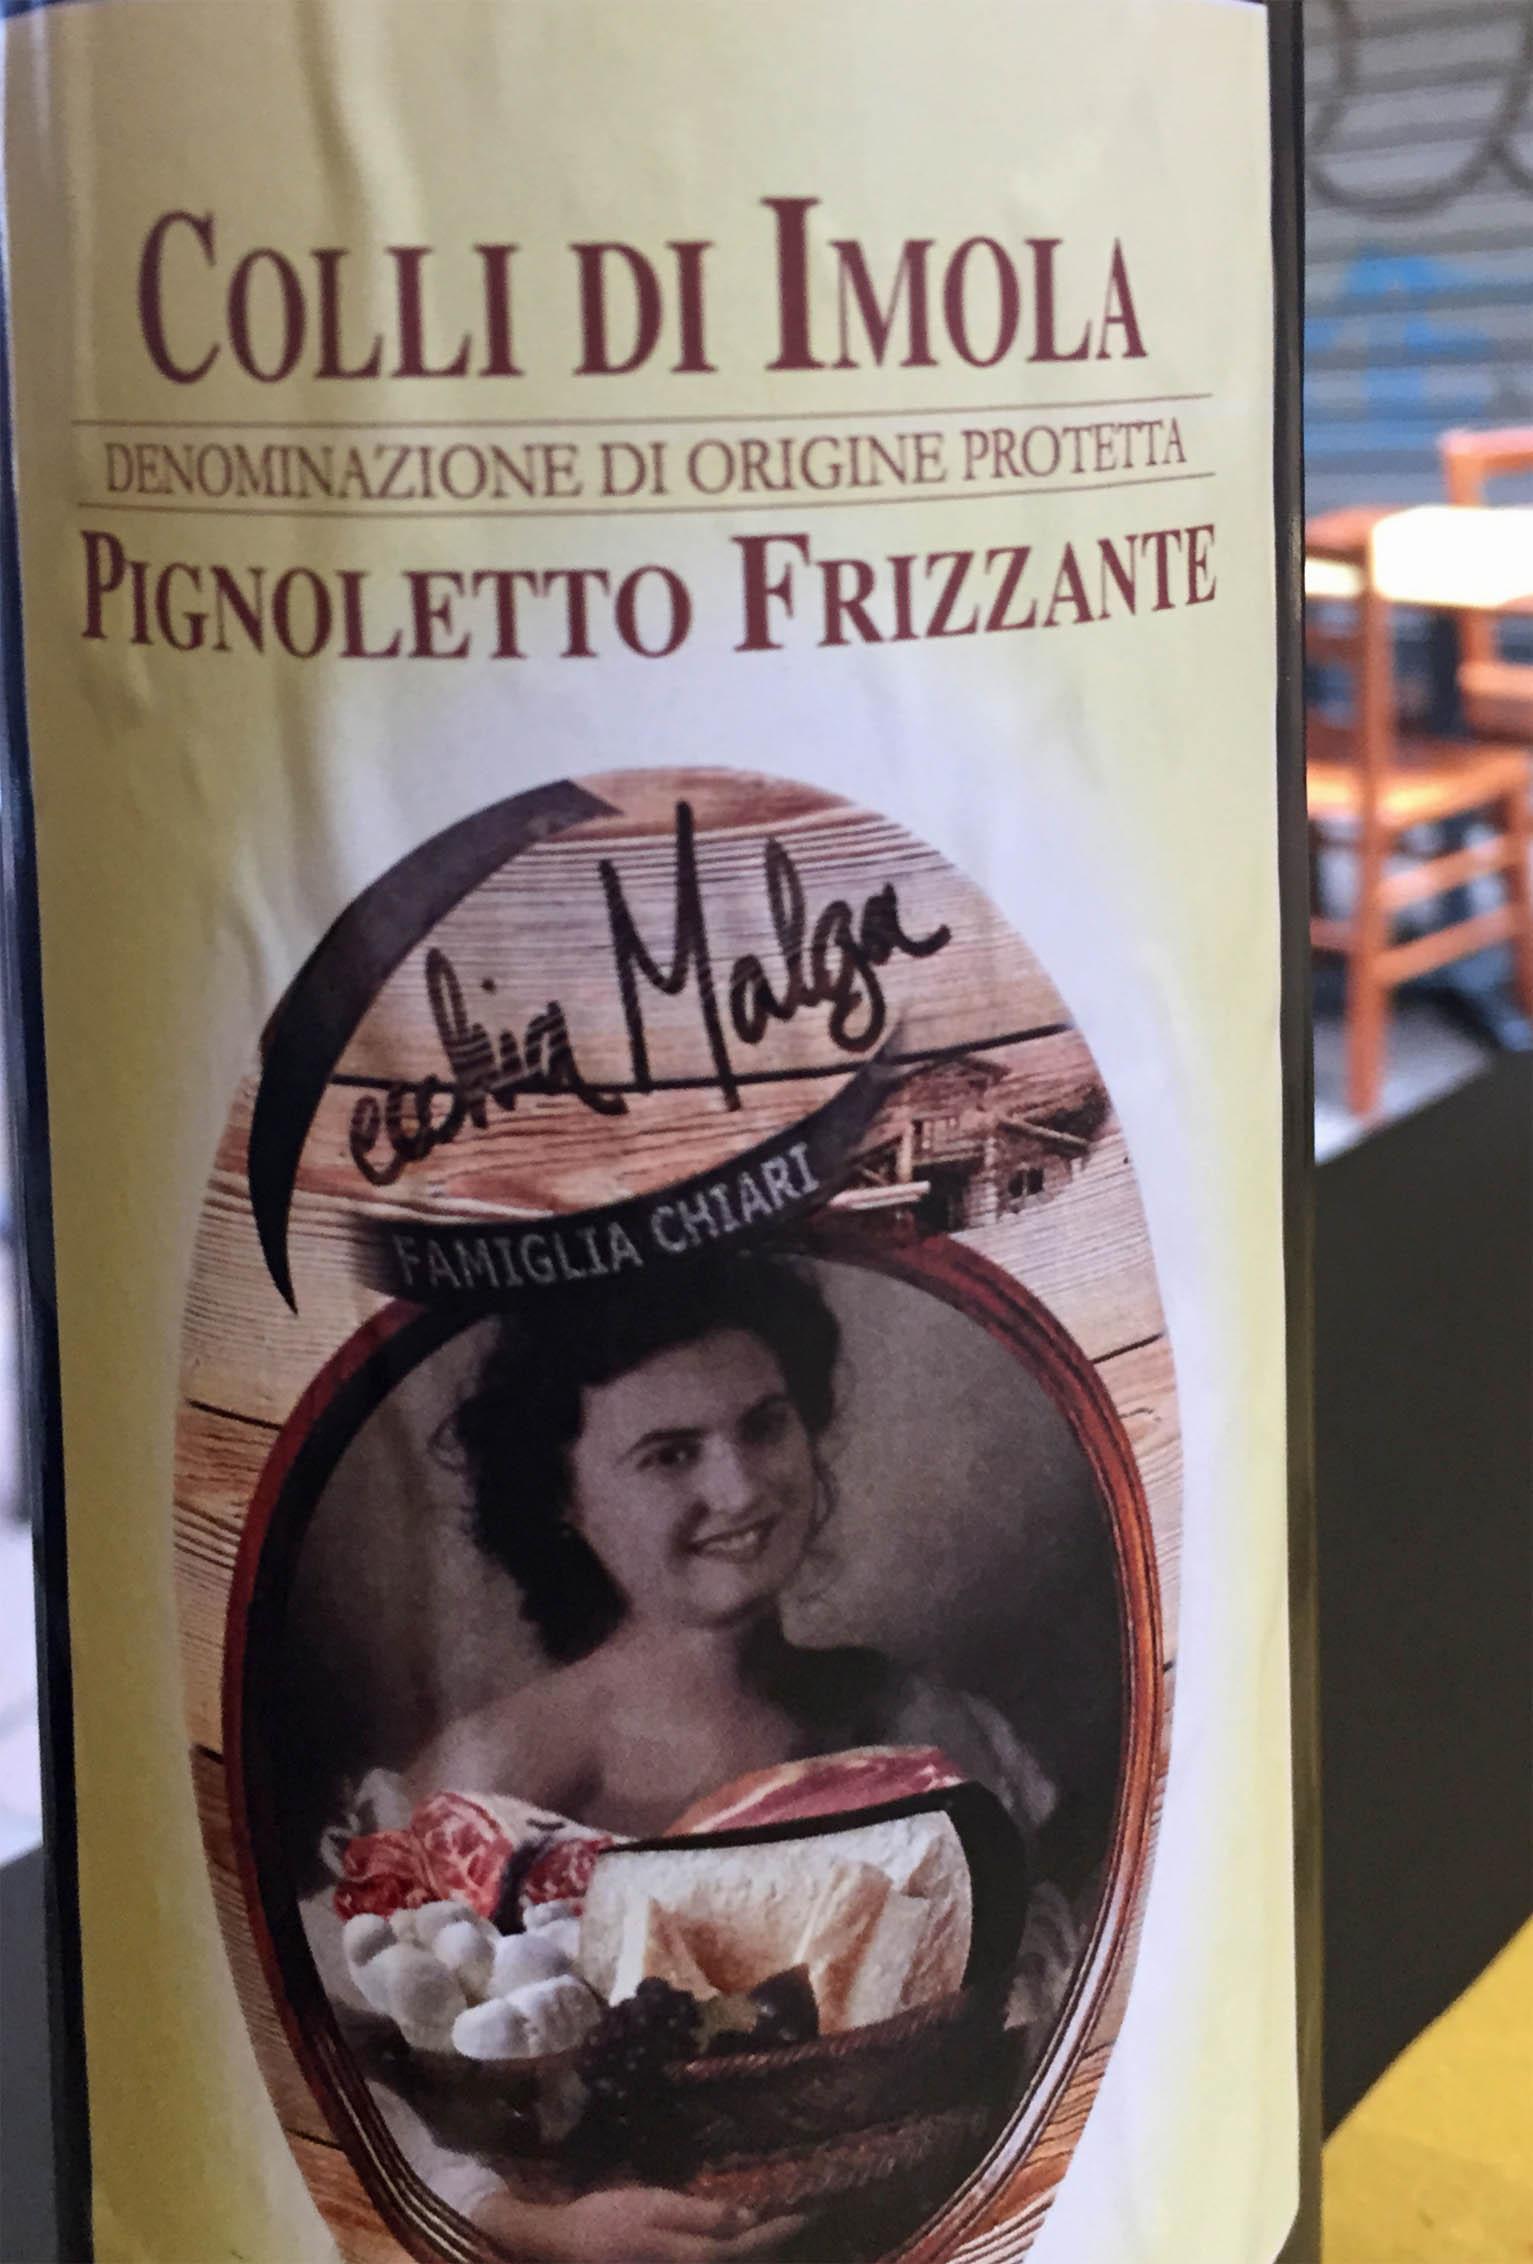 Label on wine bottle